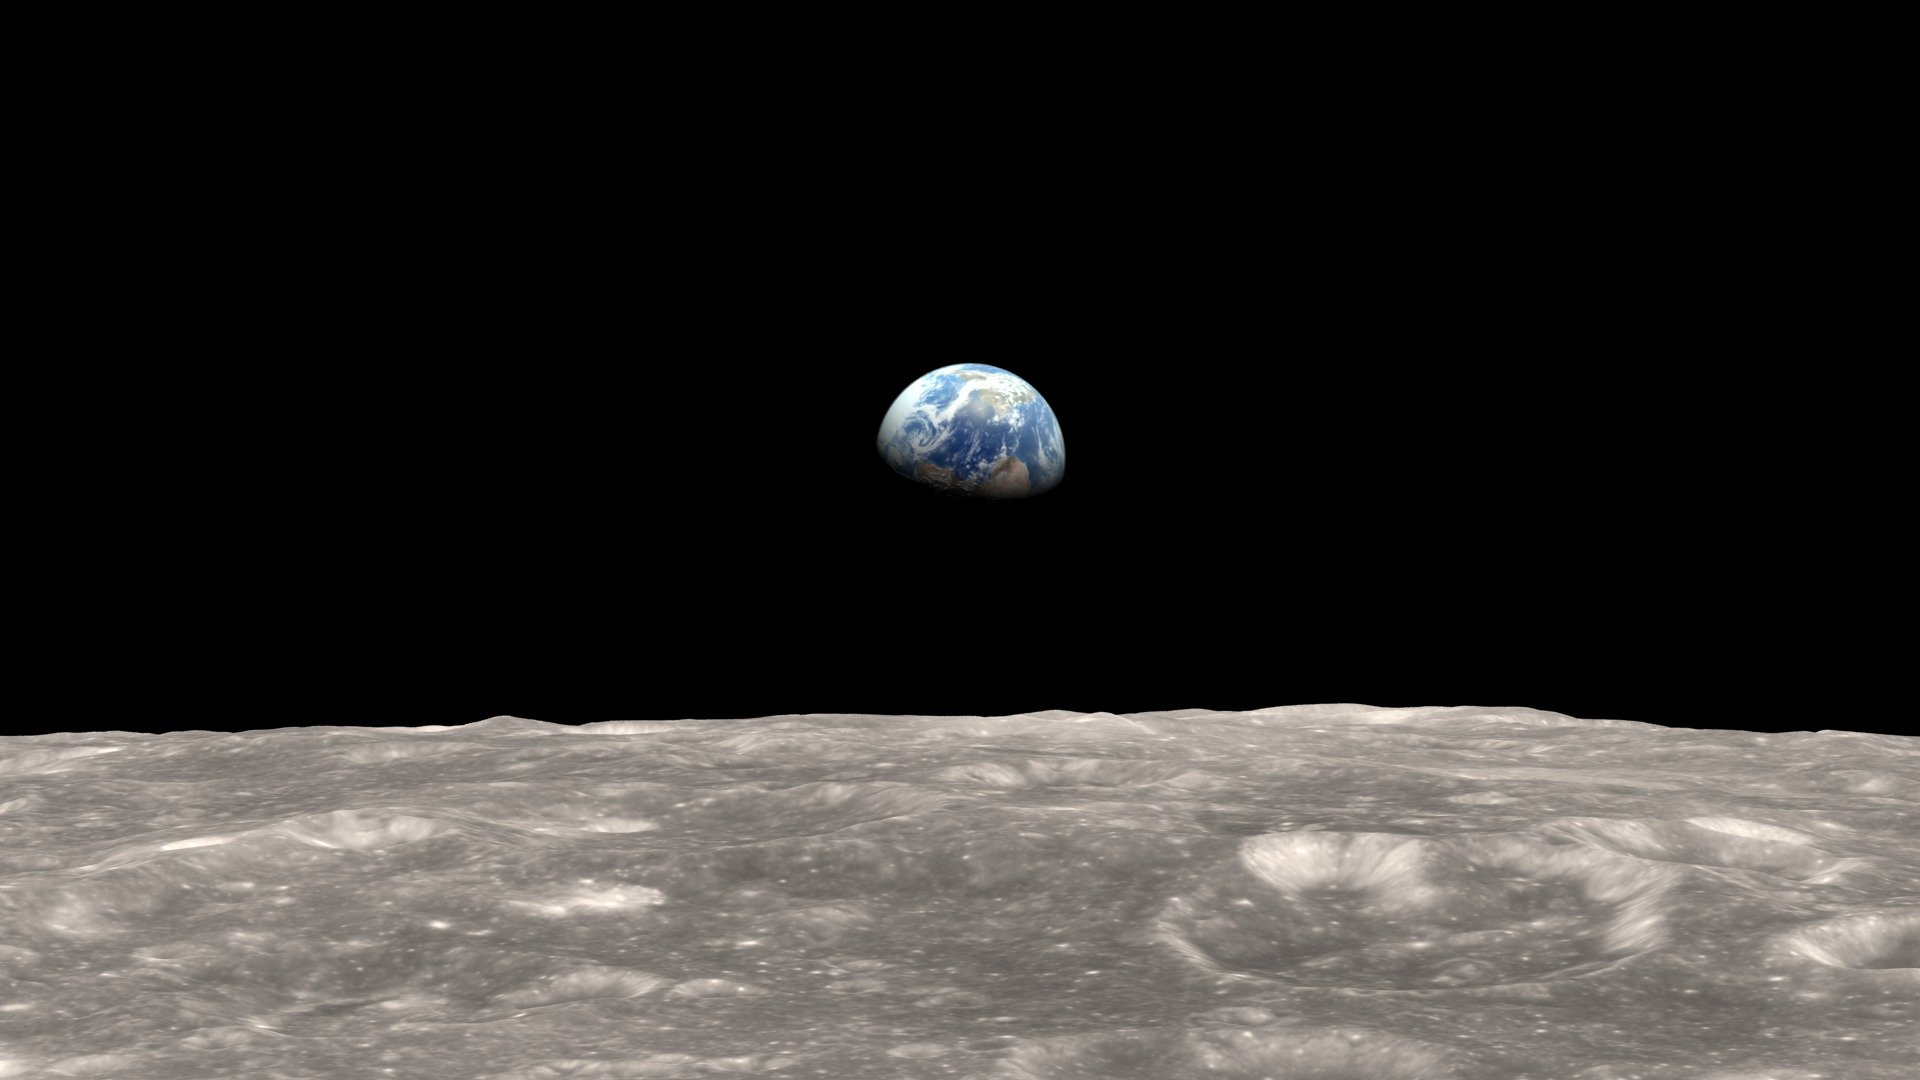 SVS: Earthrise in 4K